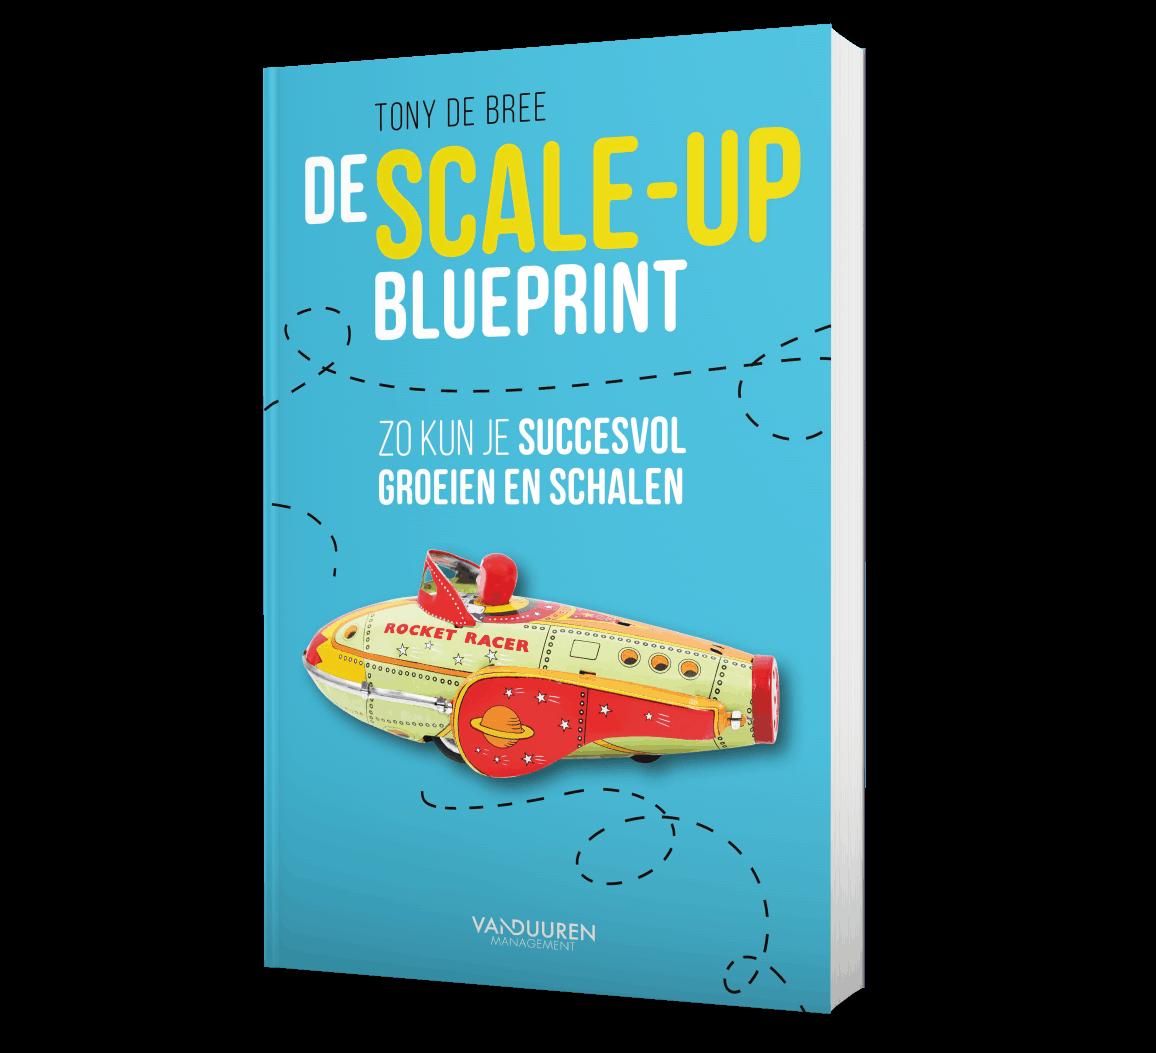 Cover 'Scale-up Blueprint' - Tony de Bree interviewt Johan Schaeffer